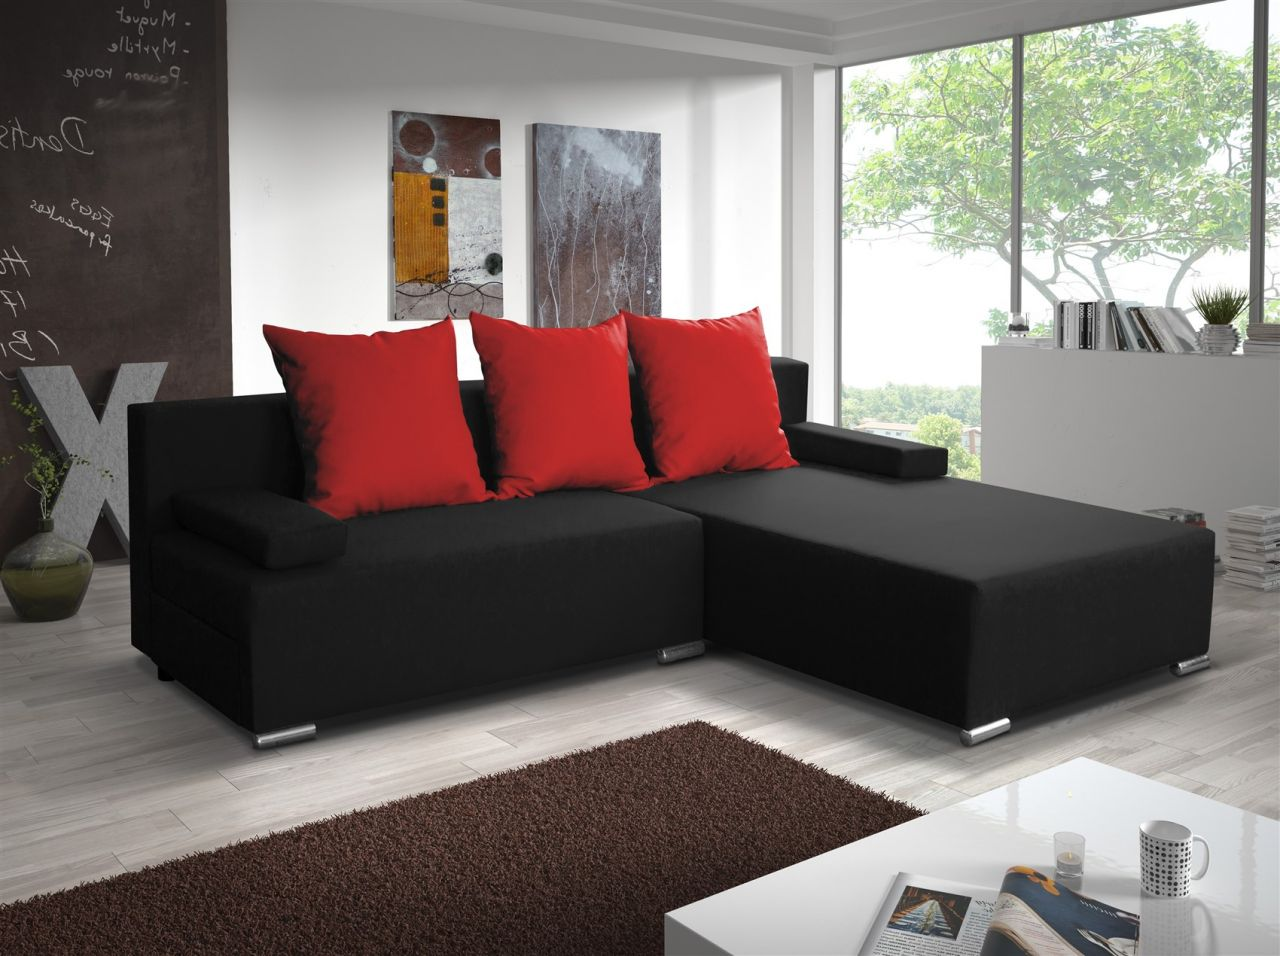 ecksofa sofa lucy mit schlaffunktion schwarz rot. Black Bedroom Furniture Sets. Home Design Ideas